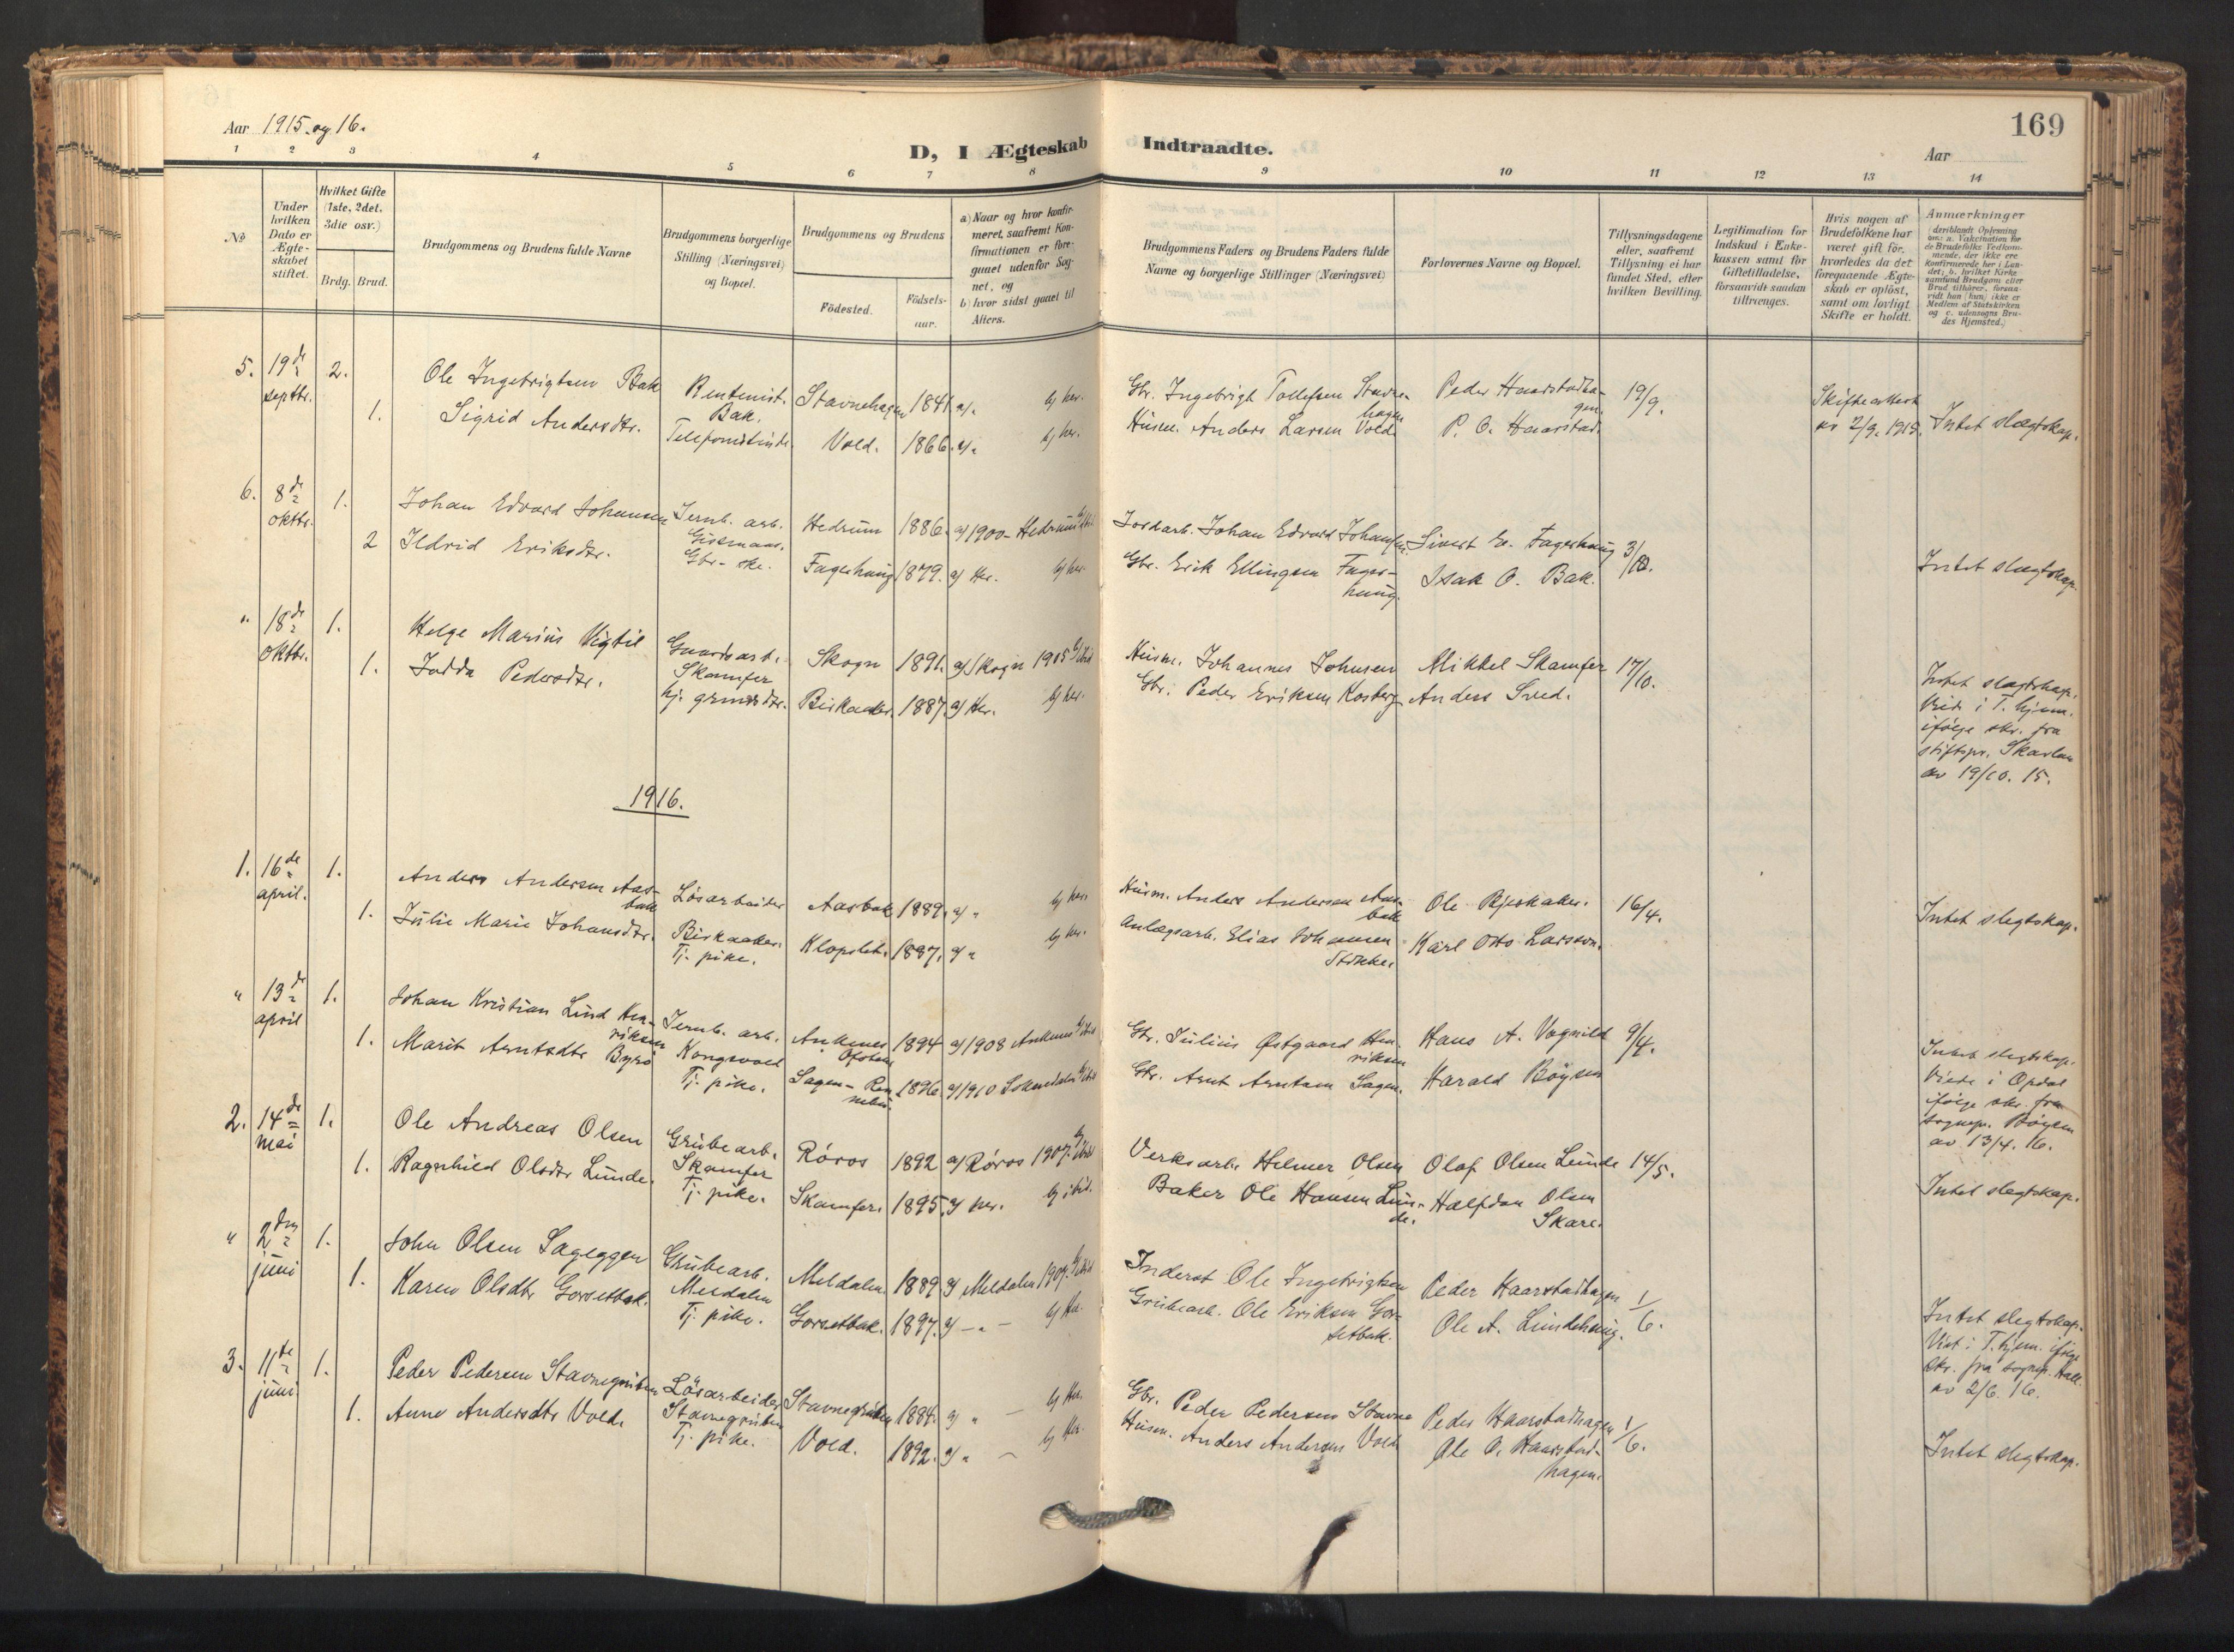 SAT, Ministerialprotokoller, klokkerbøker og fødselsregistre - Sør-Trøndelag, 674/L0873: Ministerialbok nr. 674A05, 1908-1923, s. 169